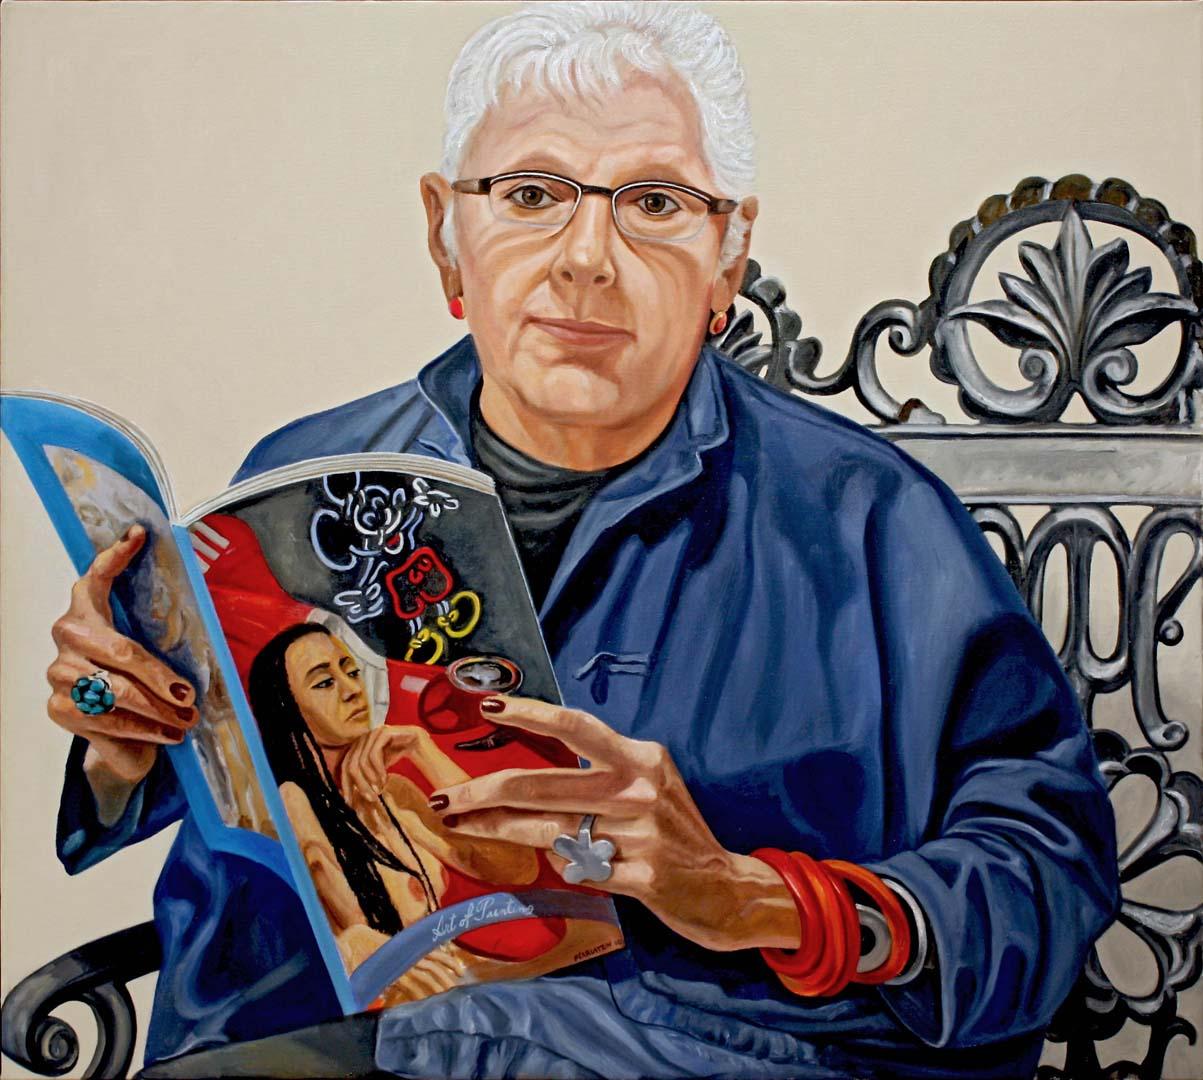 2010 Linda Nochlin Oil 36 x 40